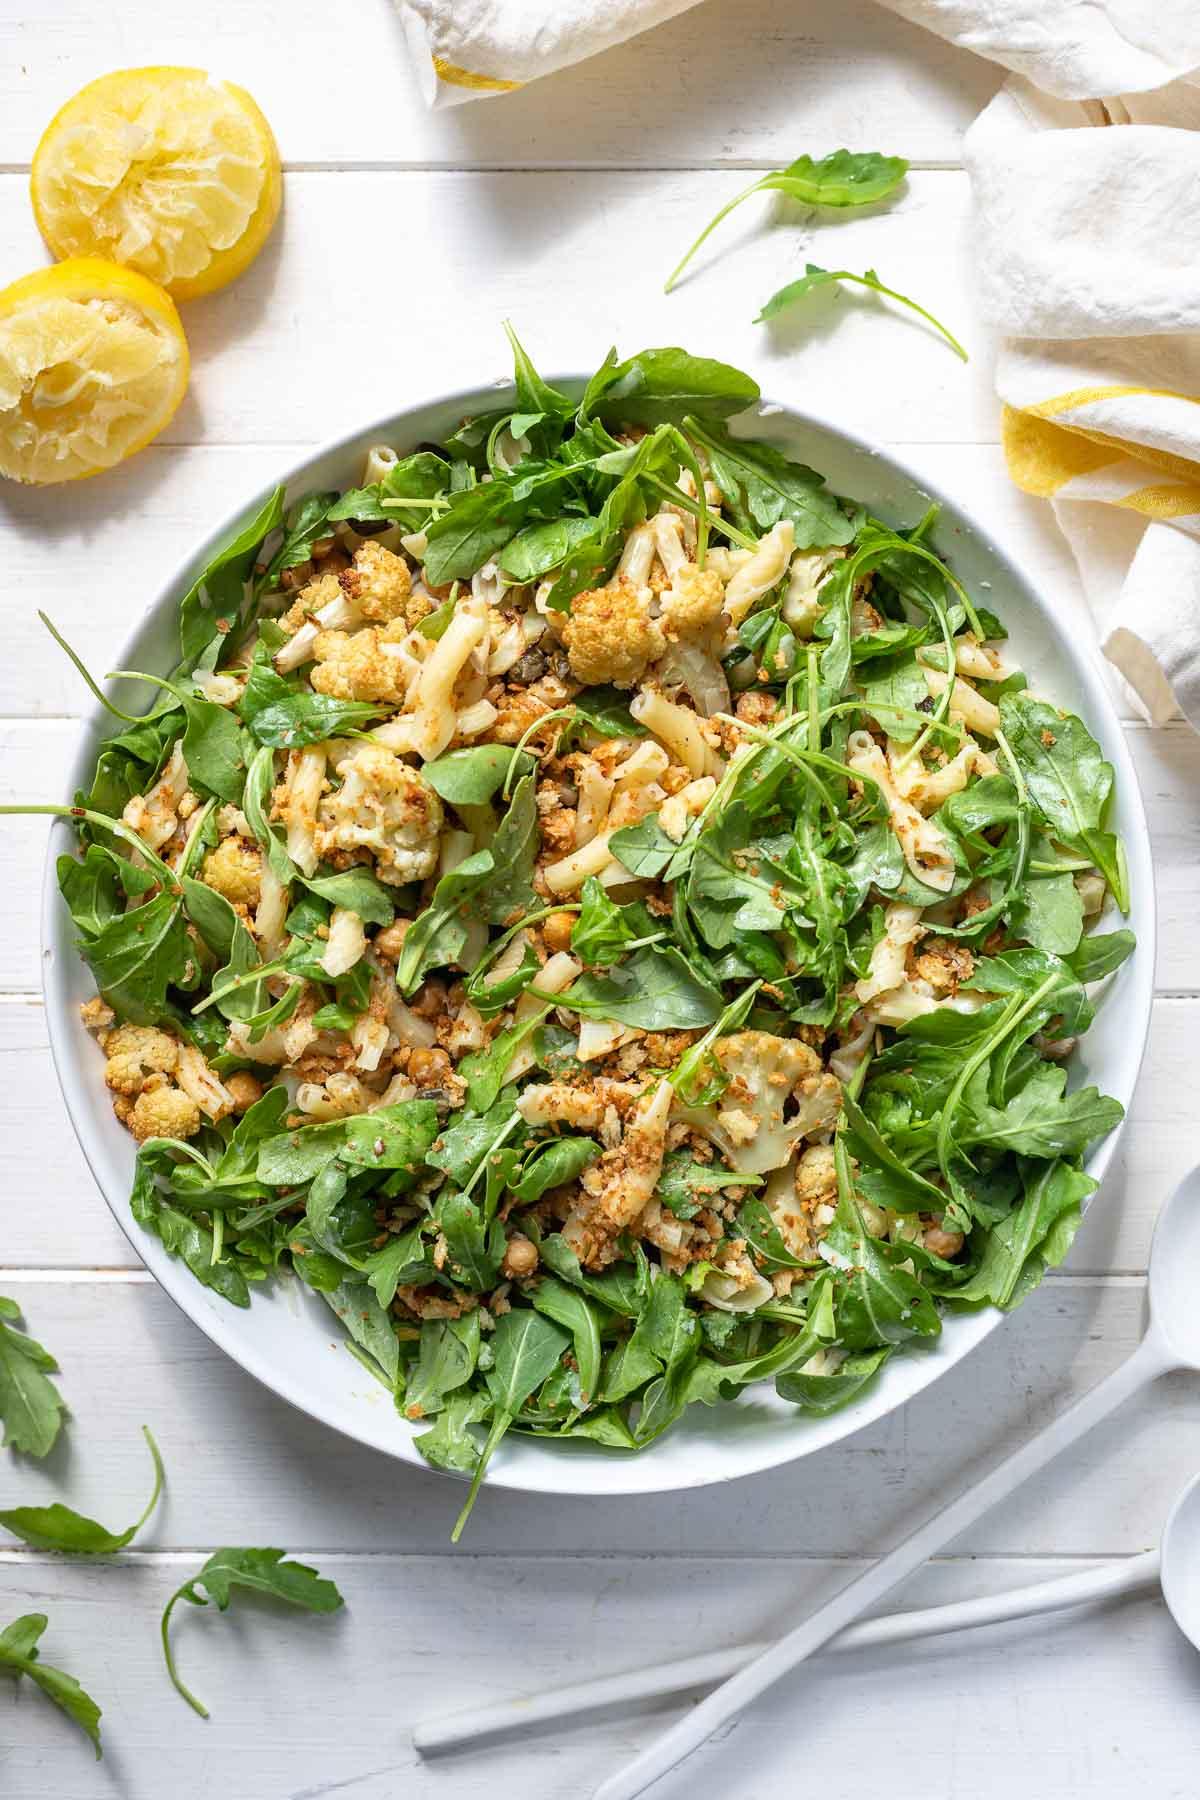 Blumenkohl-Nudelsalat mit Kichererbsen